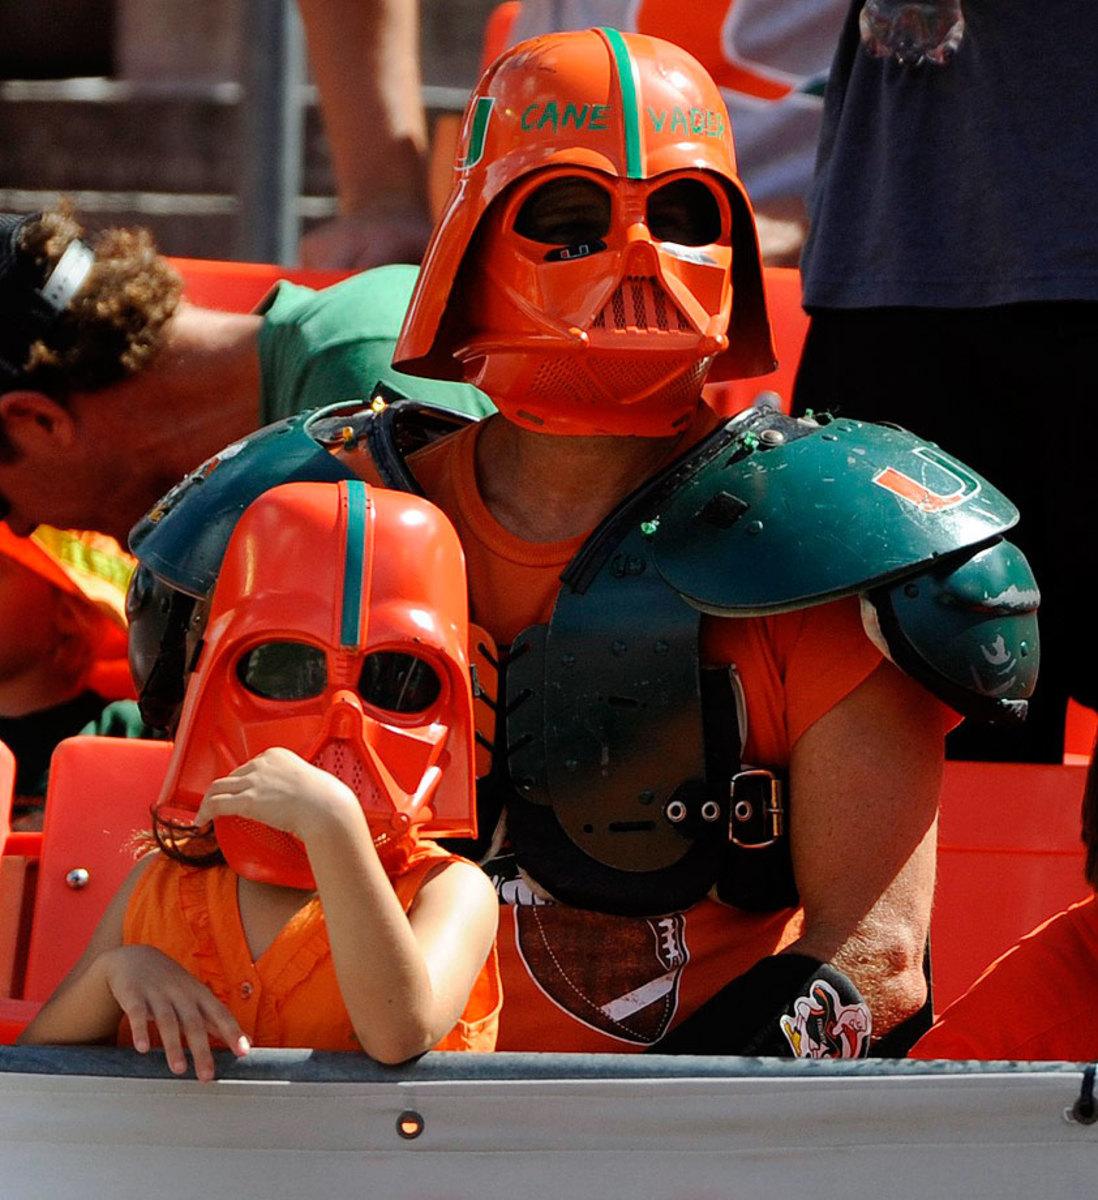 miami-hurricanes-fans-darth-vader-masks.jpg